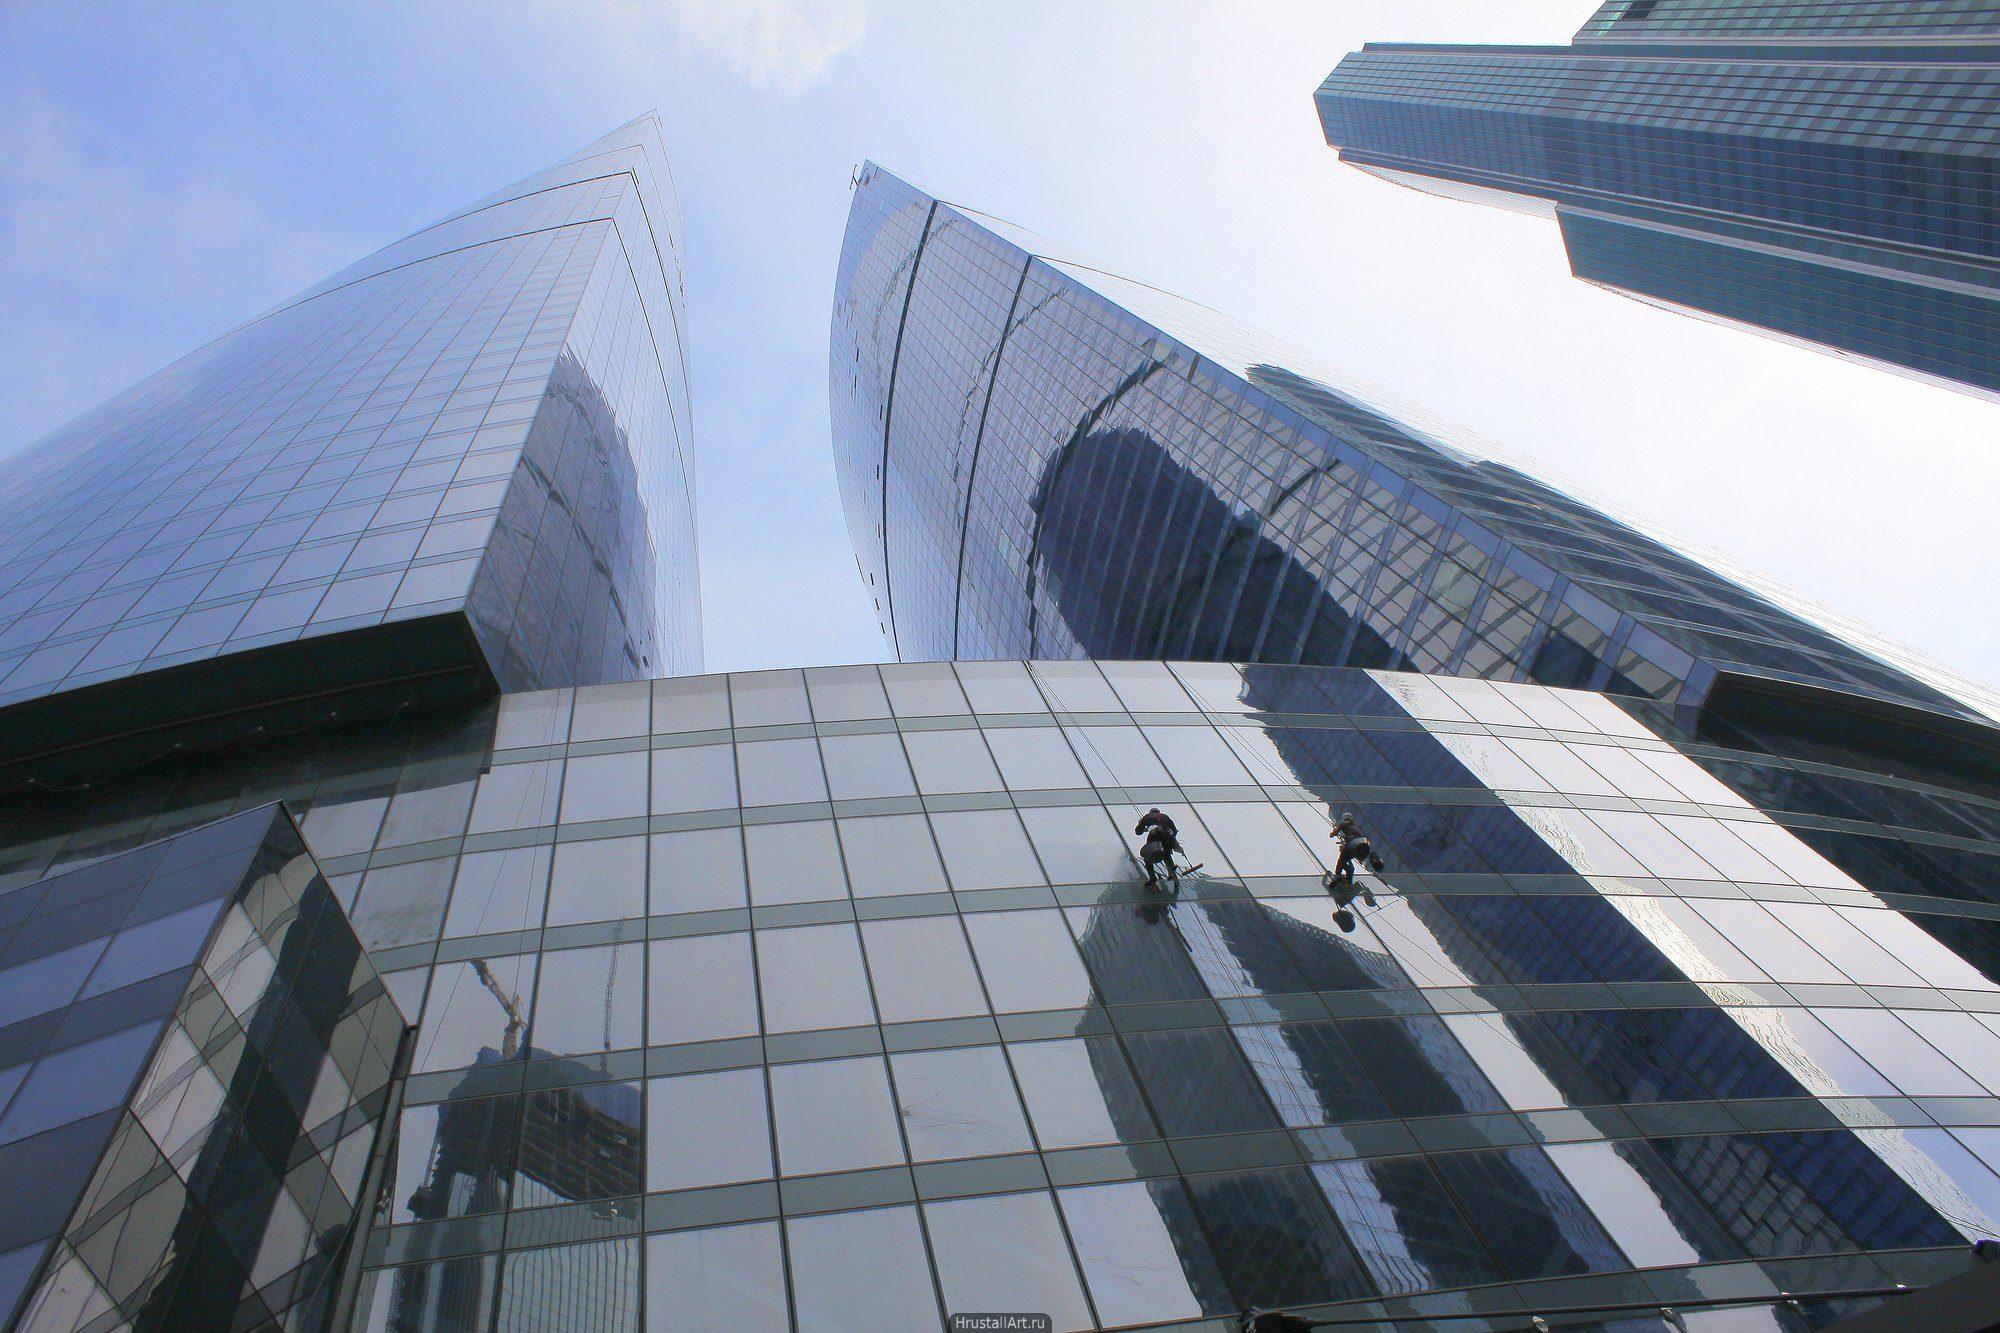 Масштаб человека на фоне стены небоскреба, промышленный альпинизм, мойщики зданий.